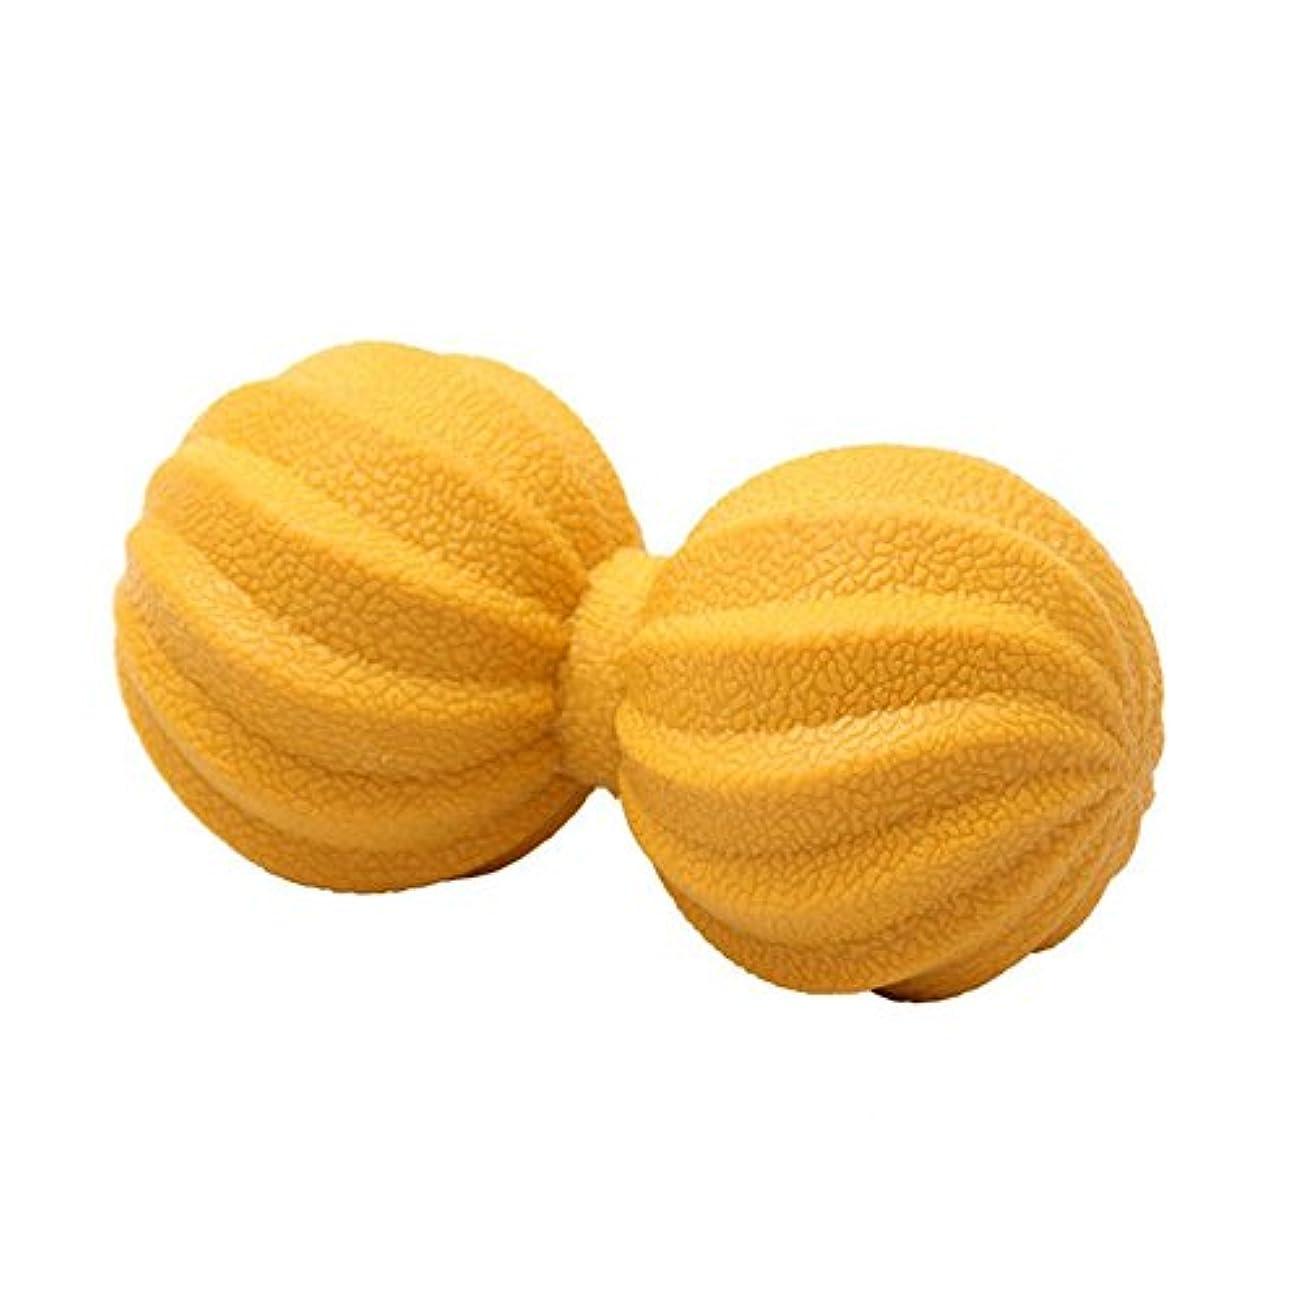 セクション検証フェードマッサージボール TPE 痛み緩和 ホッケーボール 肩/背中/腰/ふくらはぎ/足裏 筋膜リリース 血液循環